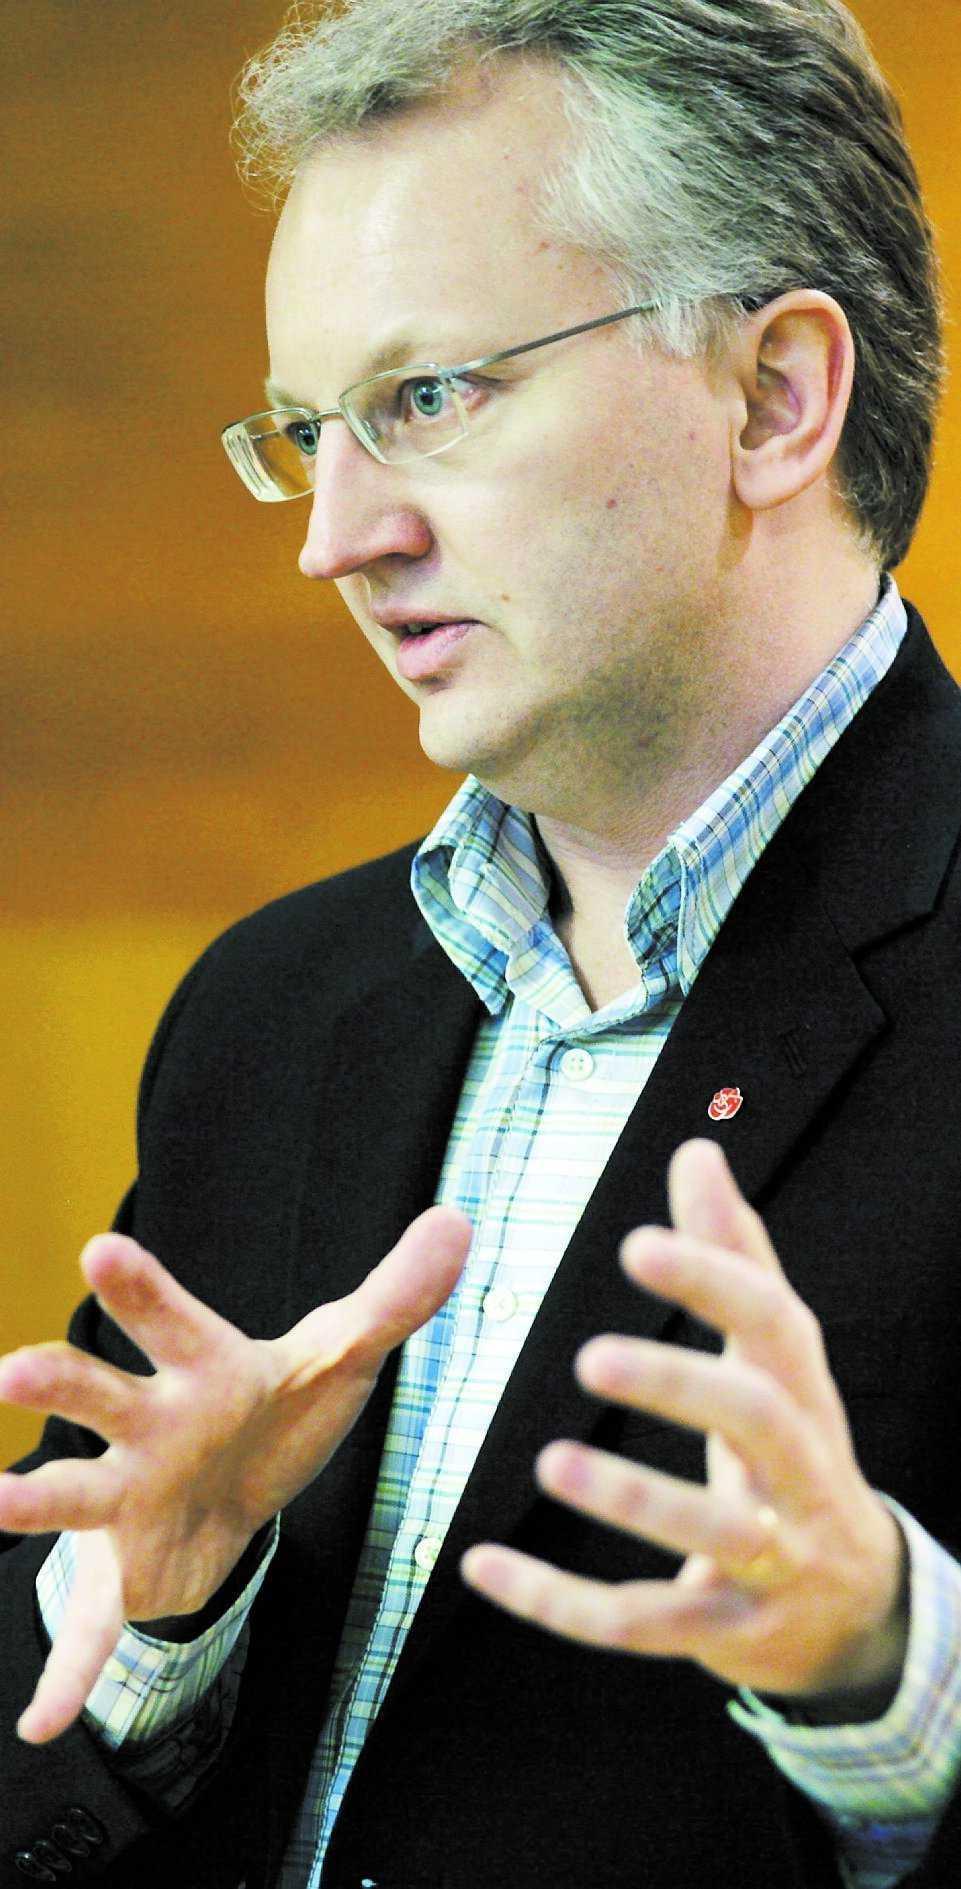 NUDERS ANGREPP Några av Pär Nuders angrepp på partikamraterna. Urban Ahlin, utrikespolitisk talesman för socialdemokraterna, anser att Nuders bok skadar partiet.